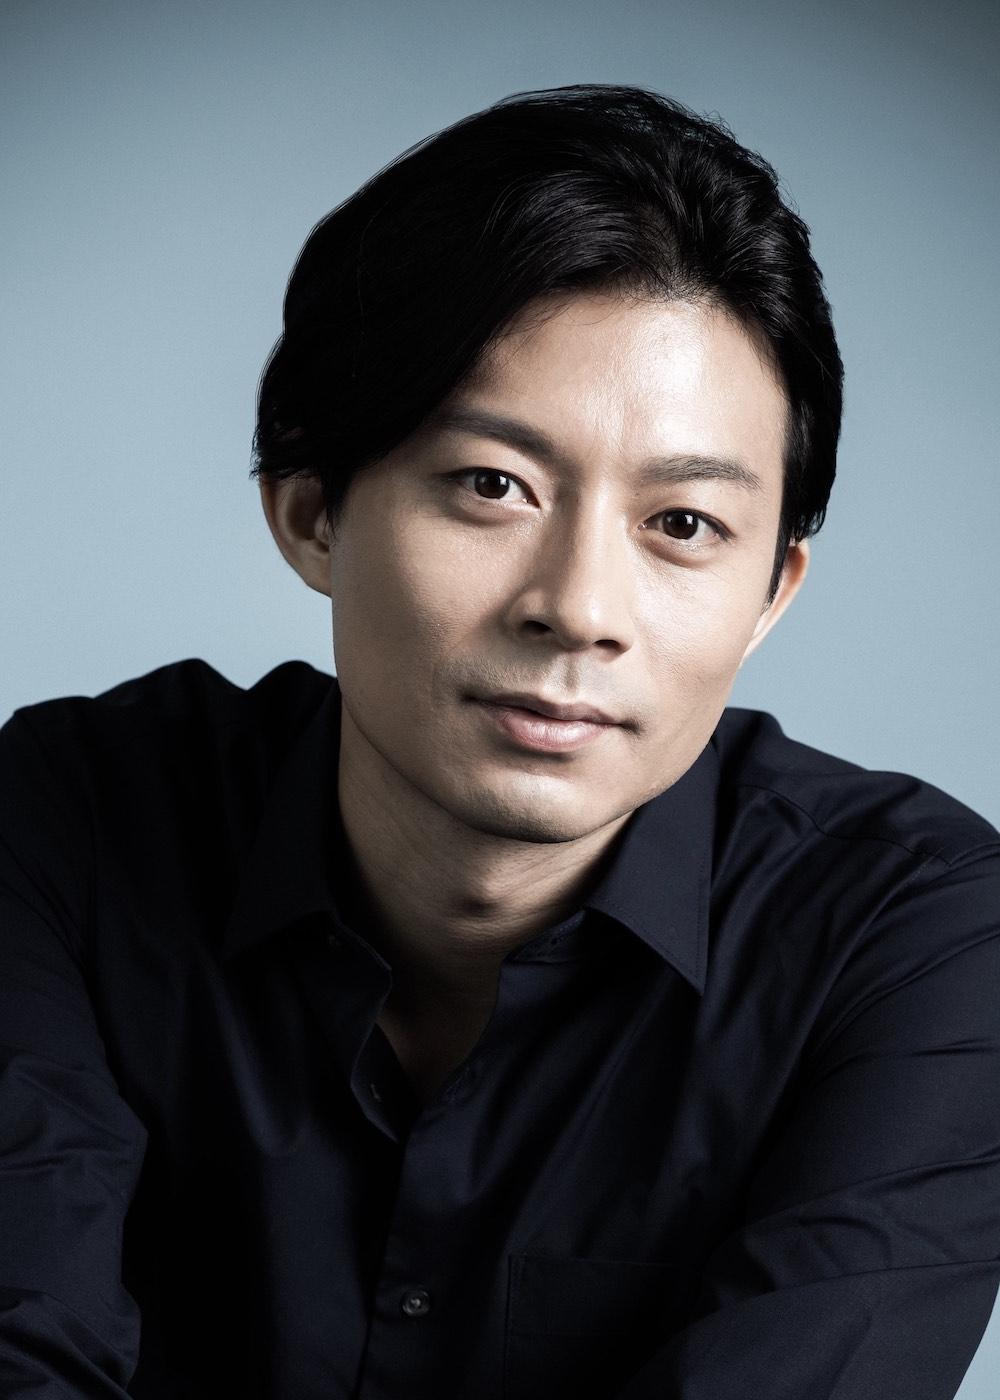 上田悠介、小西成弥、椎名鯛造らが出演 二人芝居のオムニバス公演・舞台「ホテル アヴニール」 イメージ画像